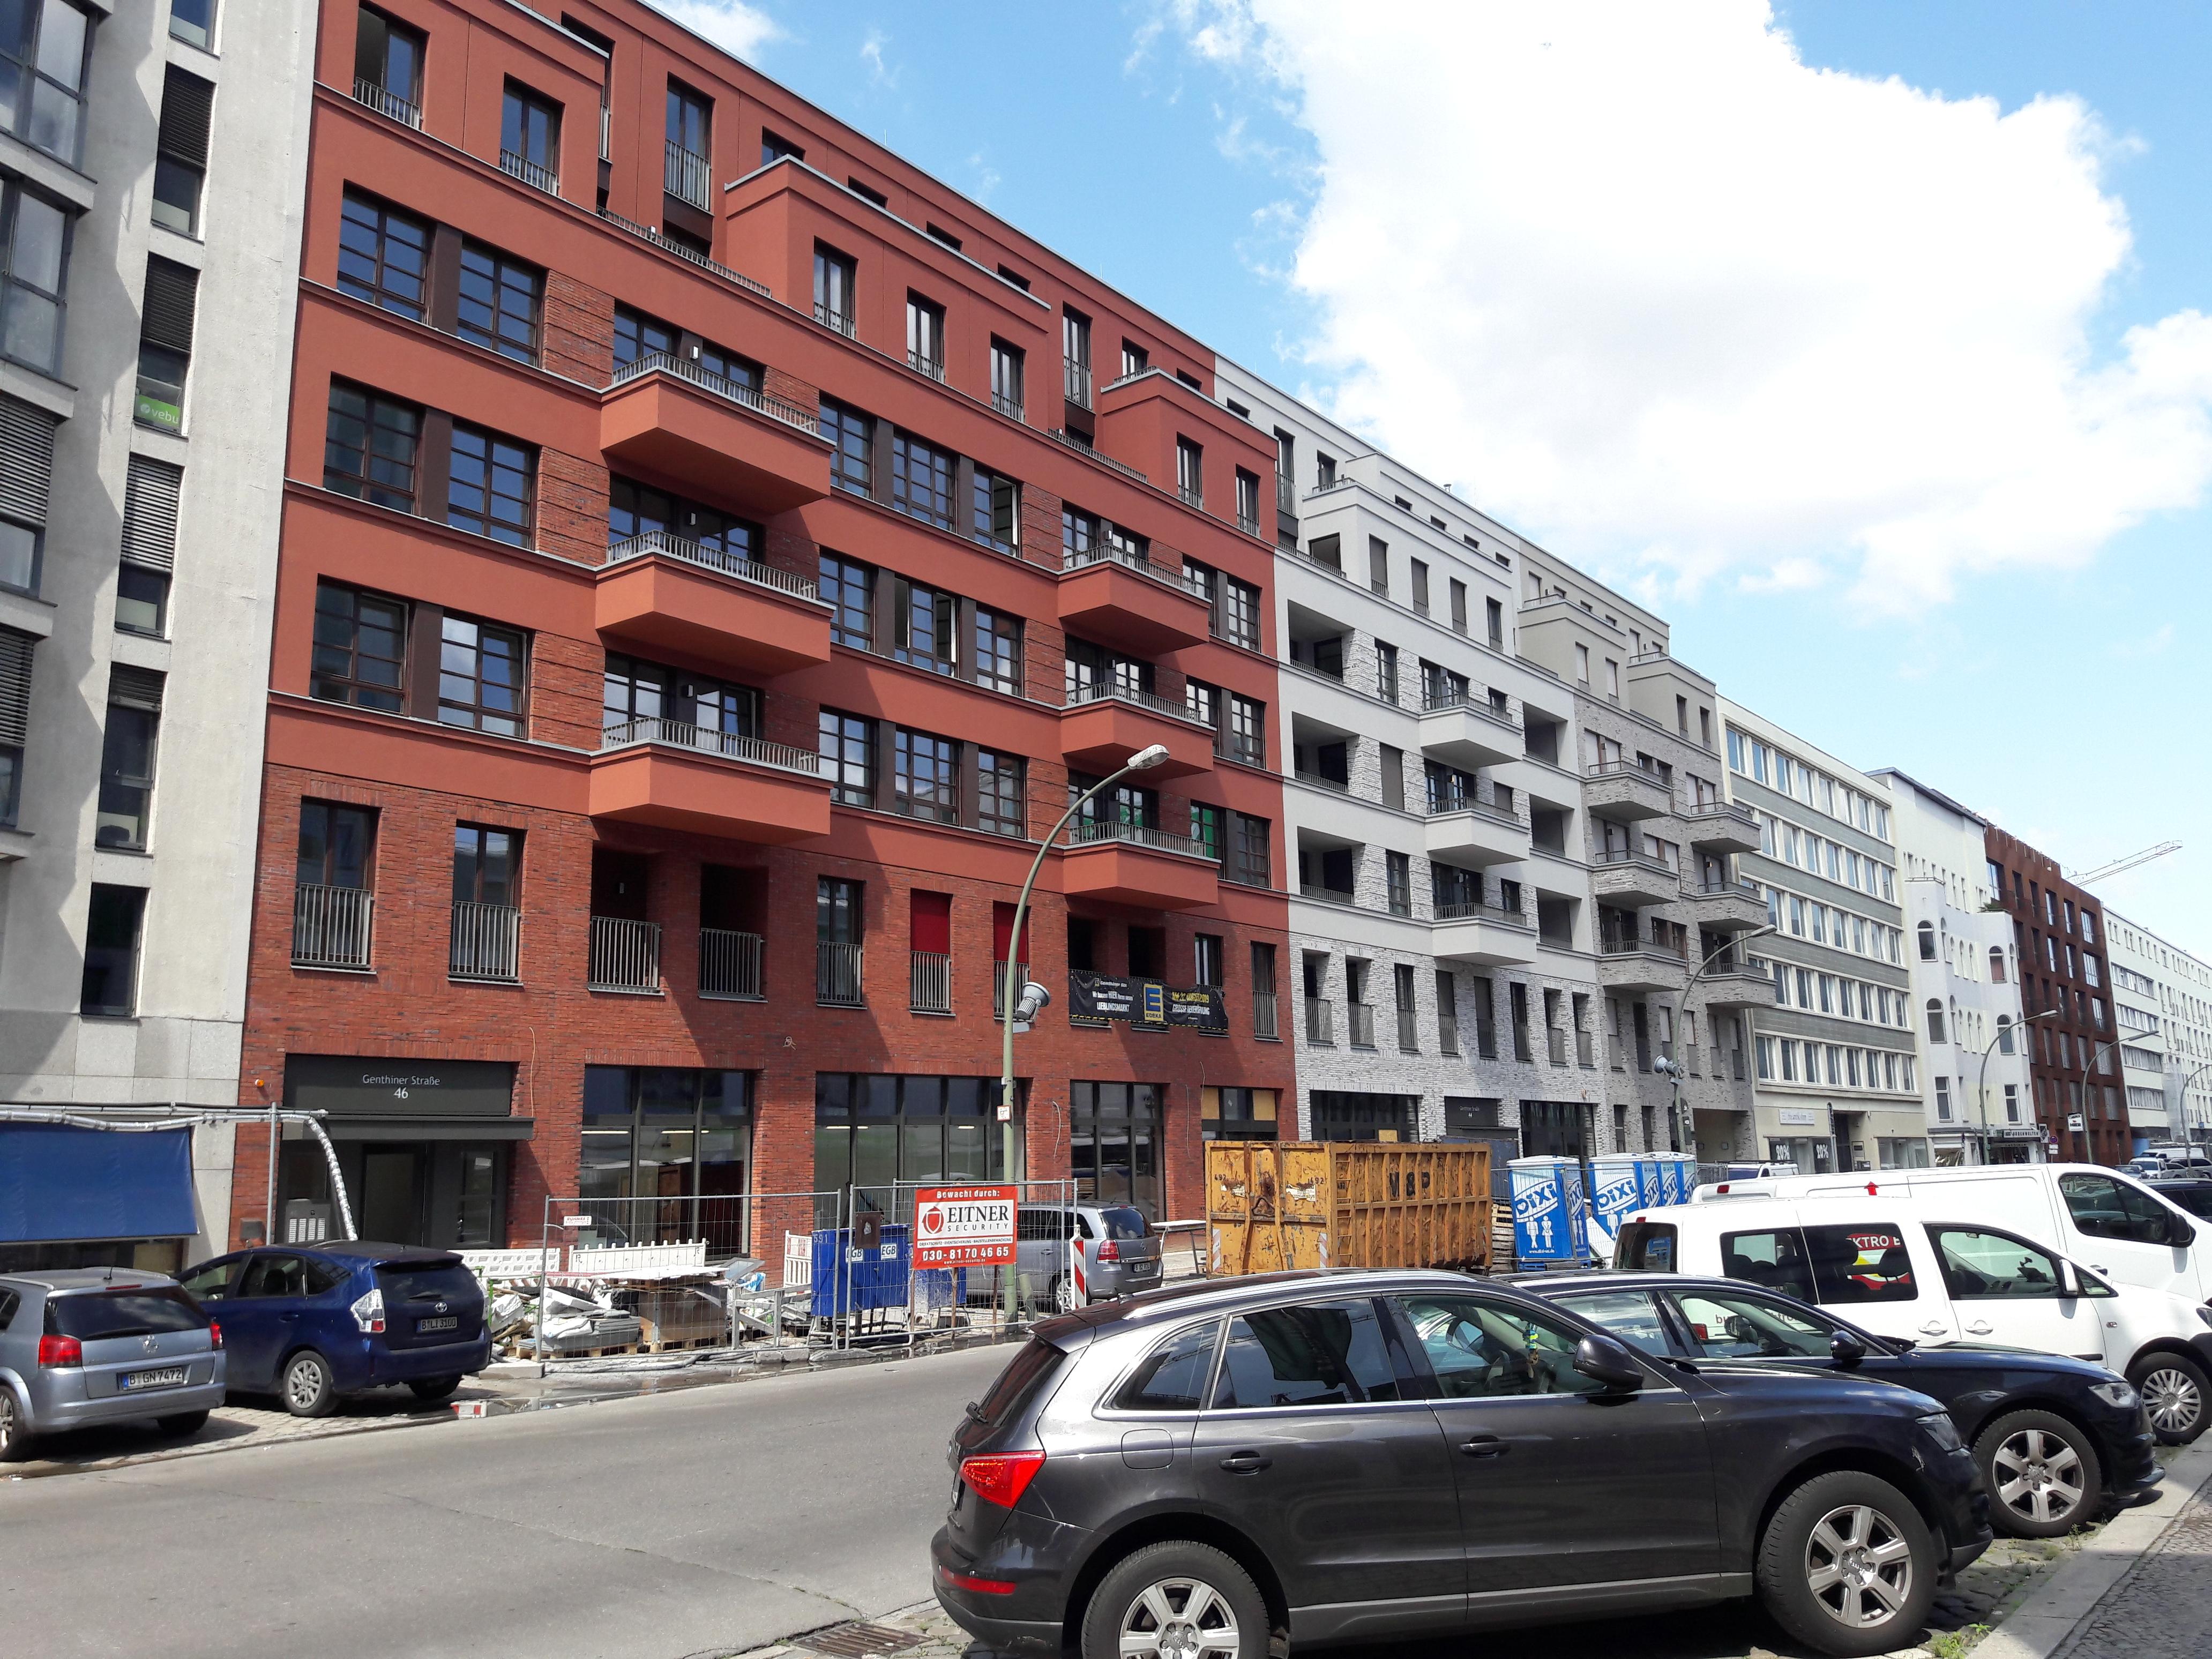 Genthiner-Neubauten-Berlin.jpg